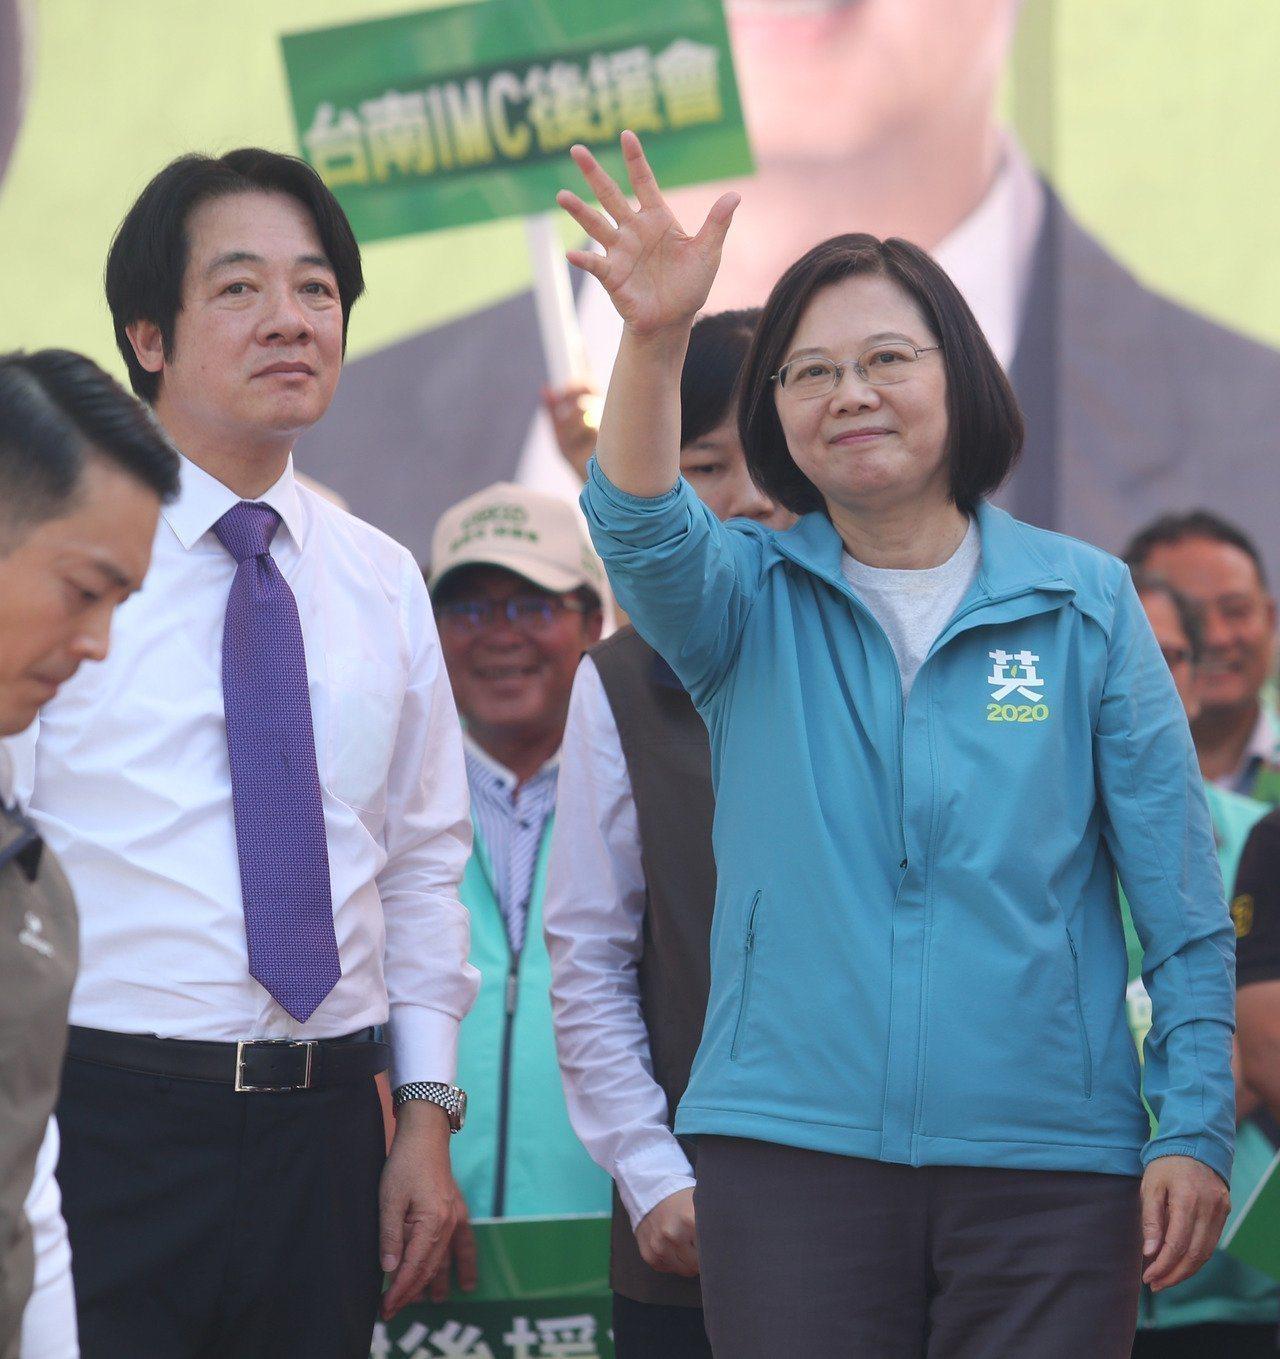 總統蔡英文(右)、行政院前院長賴清德(左)。本報資料照片